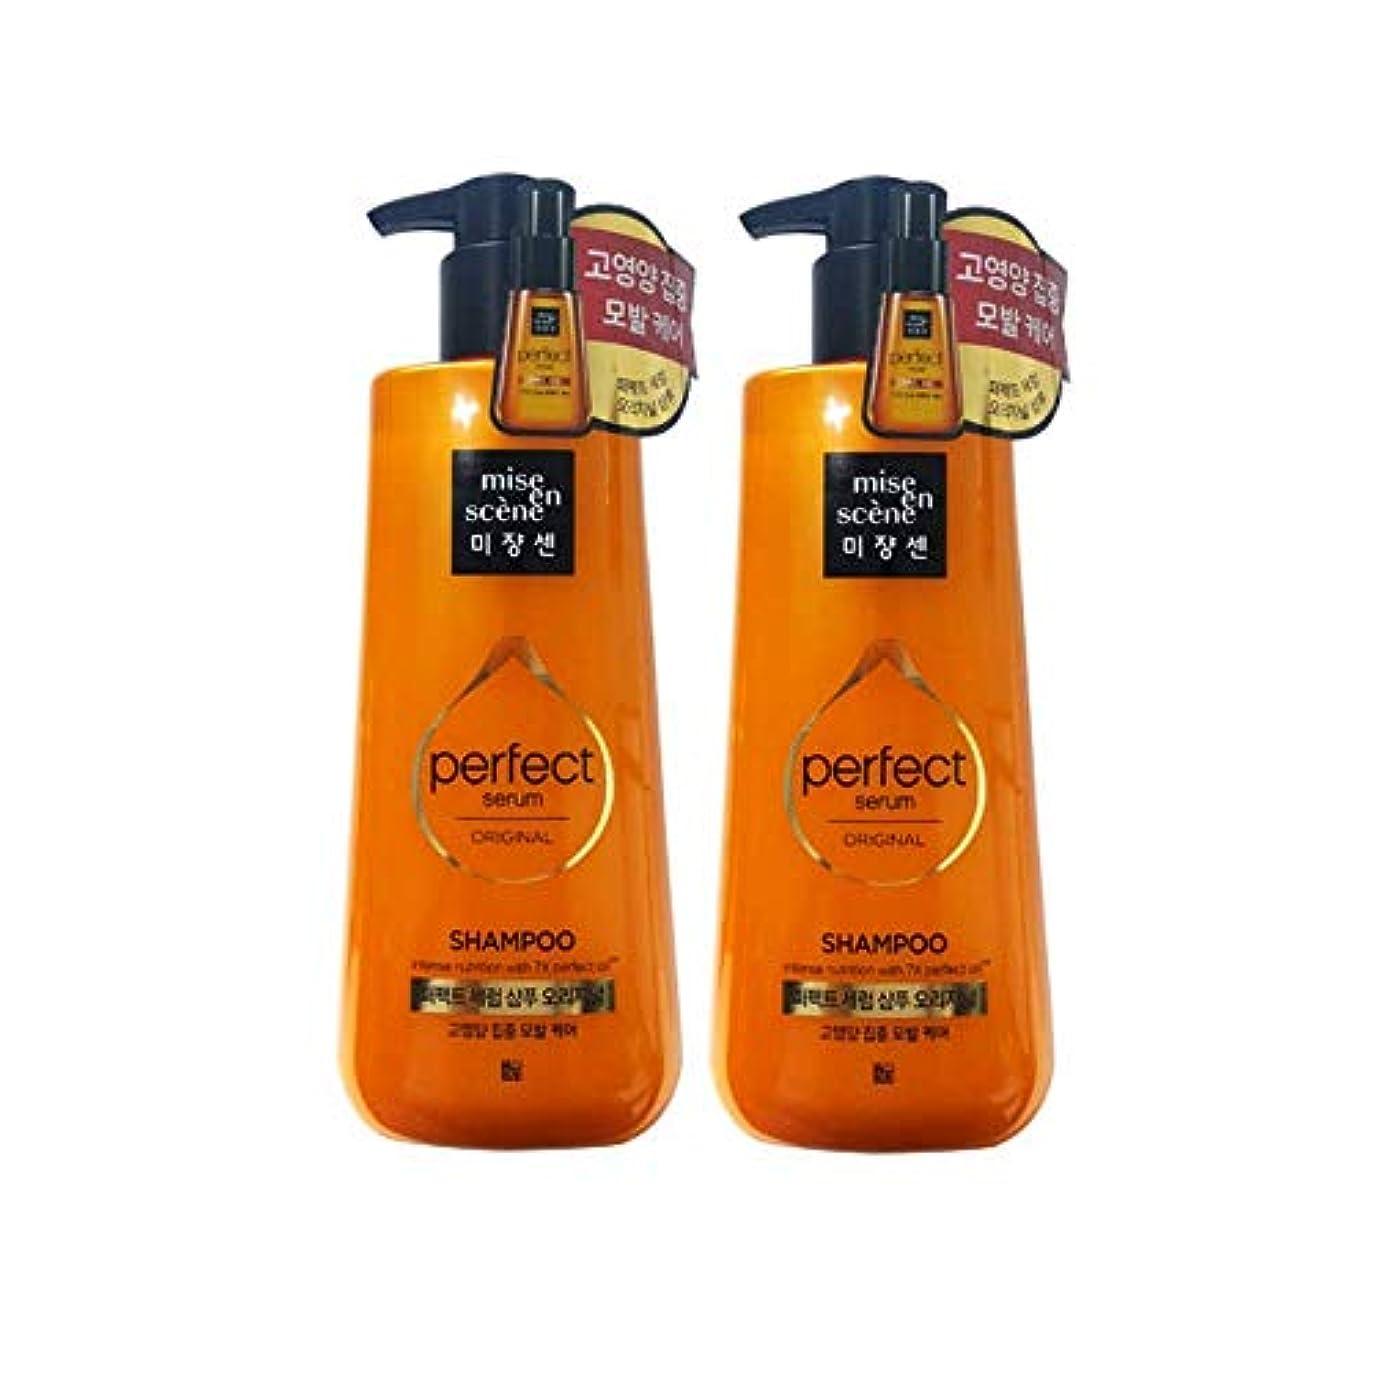 所有者カヌー失礼[miseenscene] ミジャンセン パーフェクトセラム シャンプー オリジナル 680ml×2本(perfect serum shampoo 680ml×2) korea cosmetic